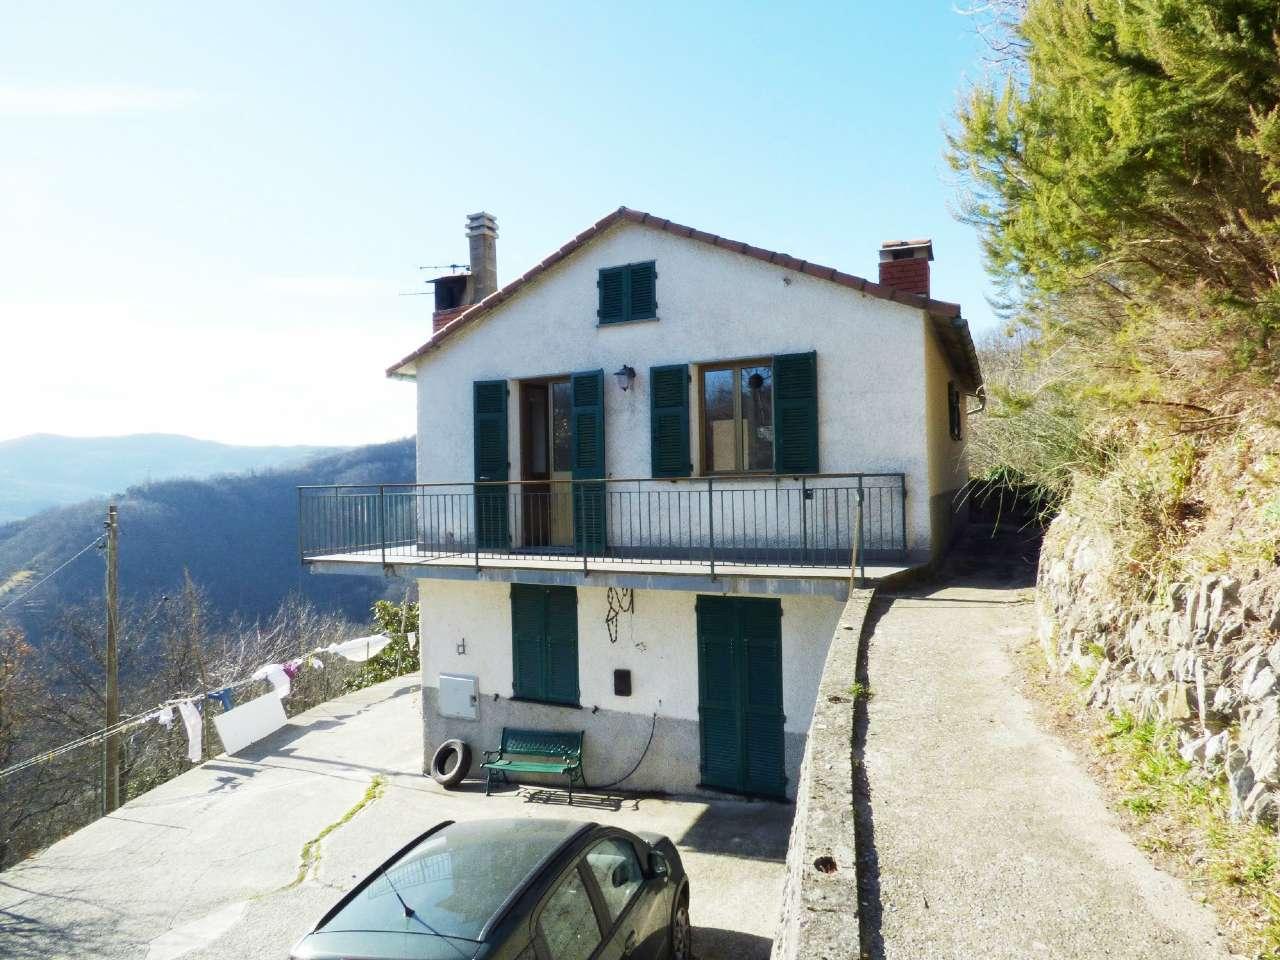 Appartamento in vendita a Lumarzo, 4 locali, prezzo € 25.000 | CambioCasa.it